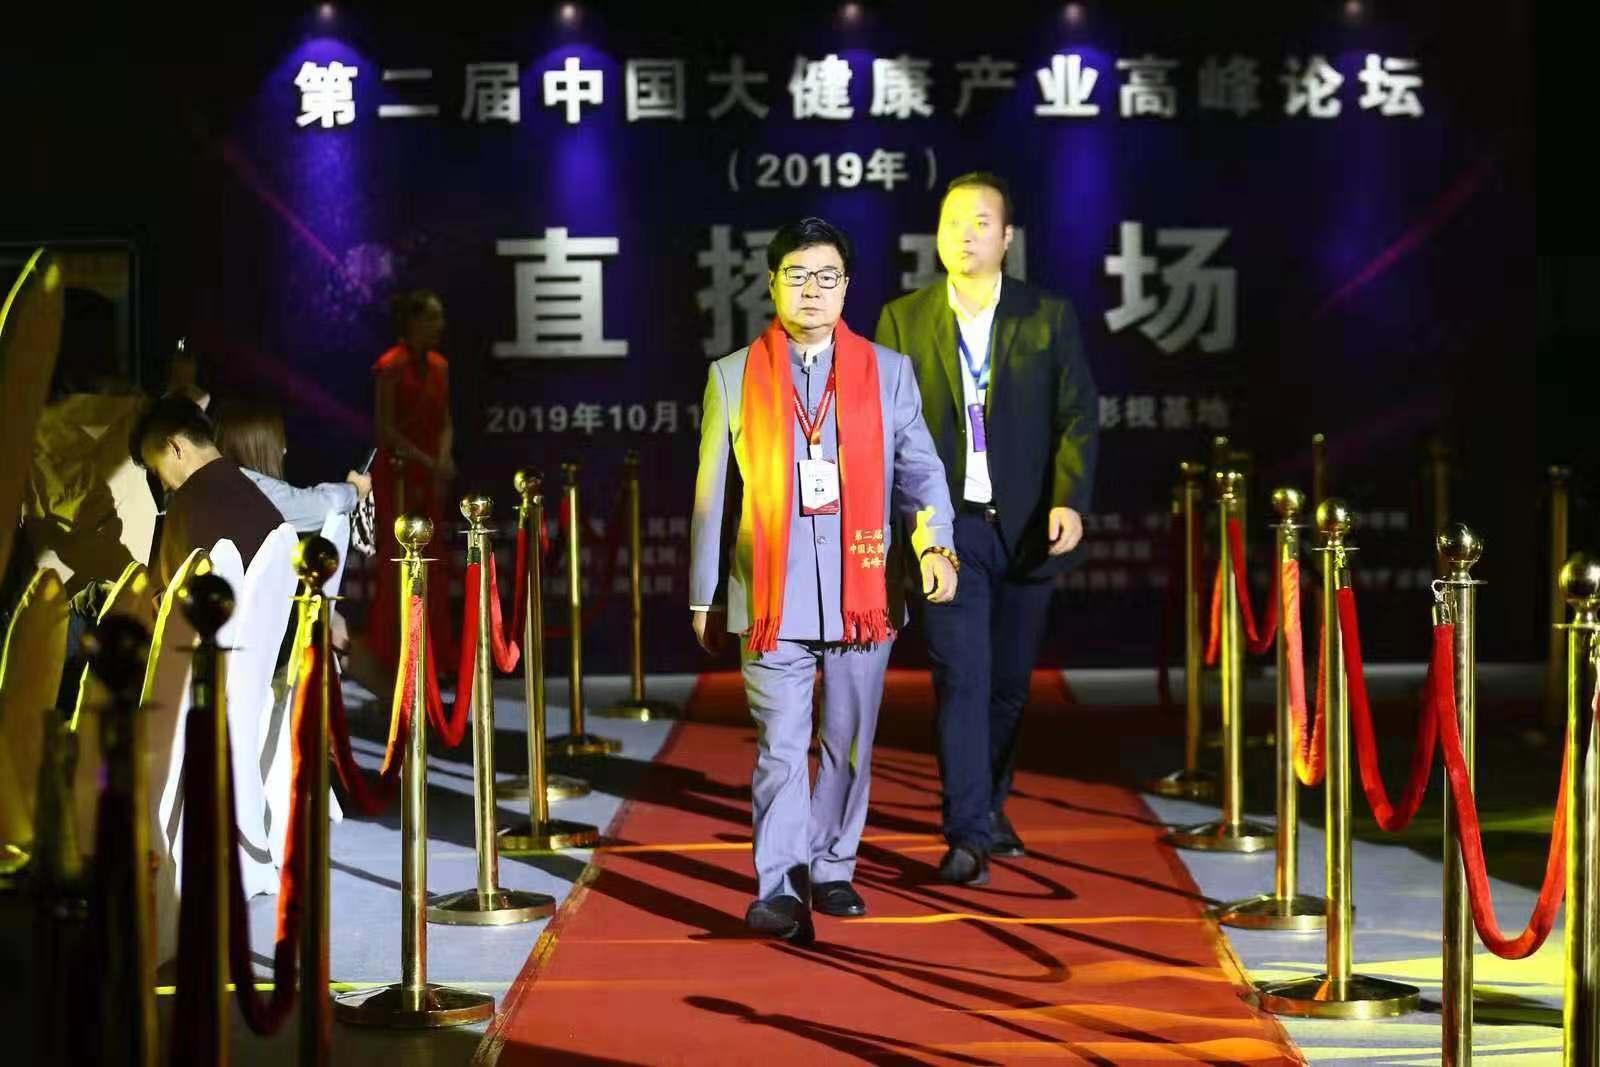 <b>成都易道馆曾涌权荣获中国当代杰出国学大师并出席中国大健康产业高峰论坛</b>